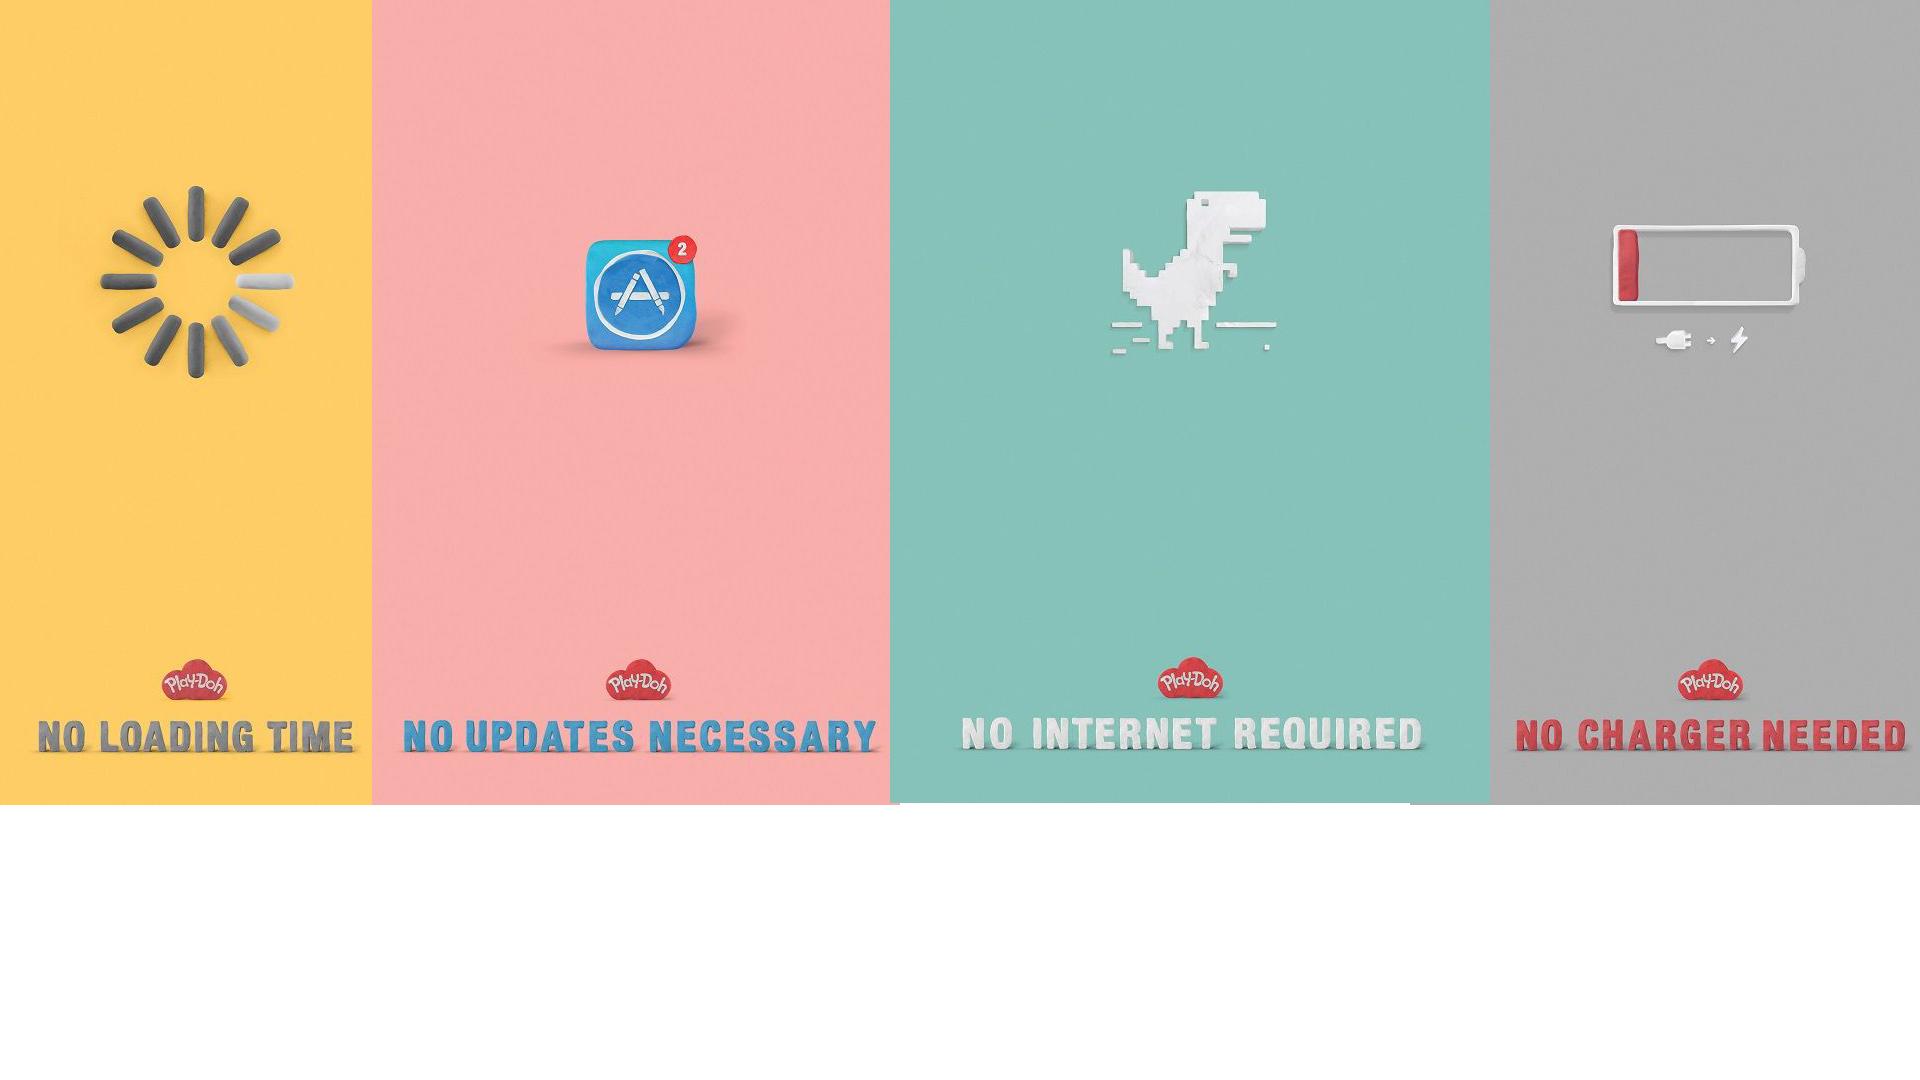 La compañía lanzó una campaña publicitaria donde explica las ventajas de los juguetes tradicionales, cero tecnológicos